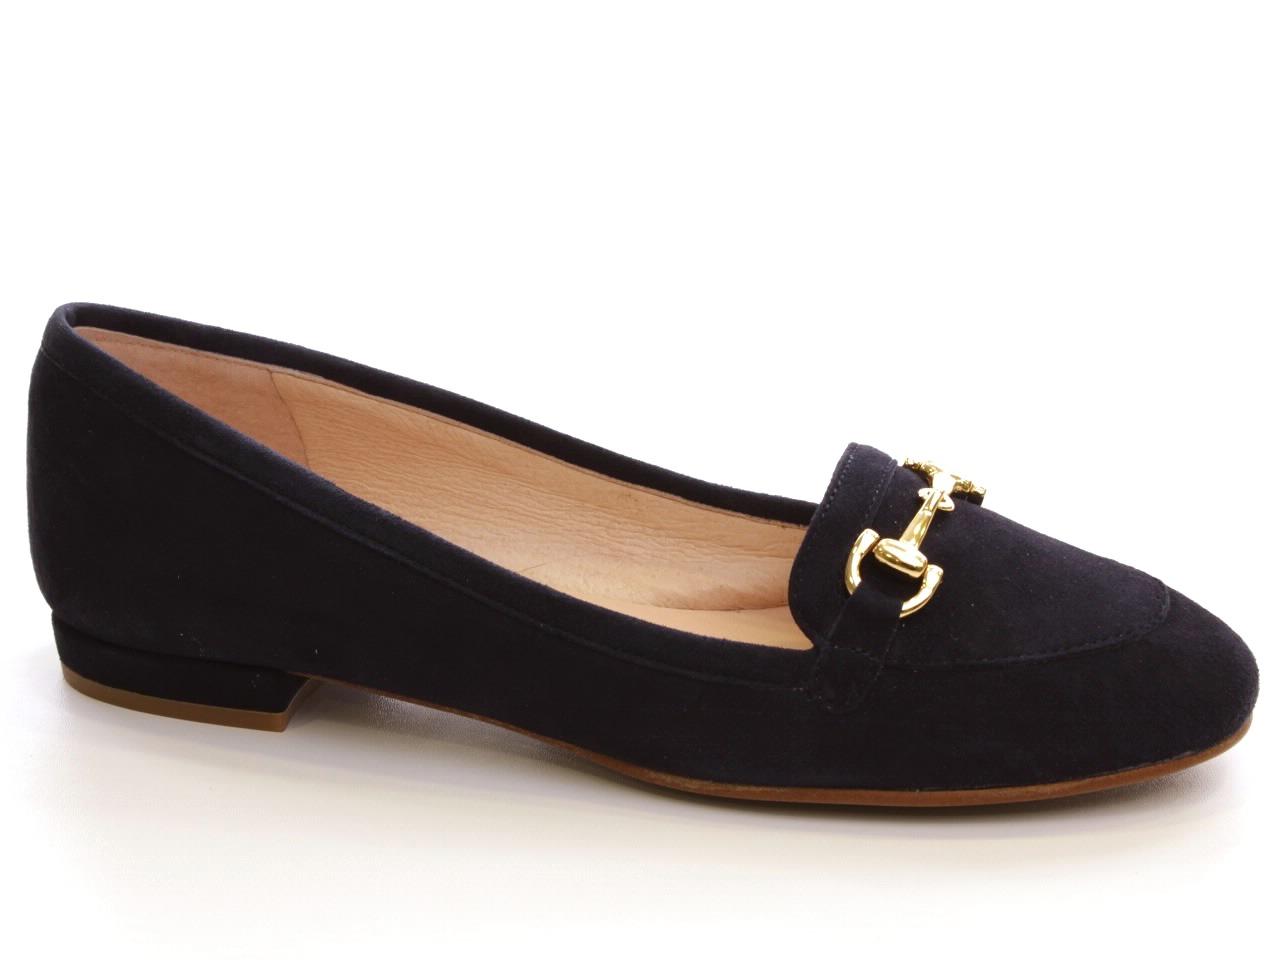 Zapatos Planos, Sabrinas, Mocassins Sofia Costa - 085 7332